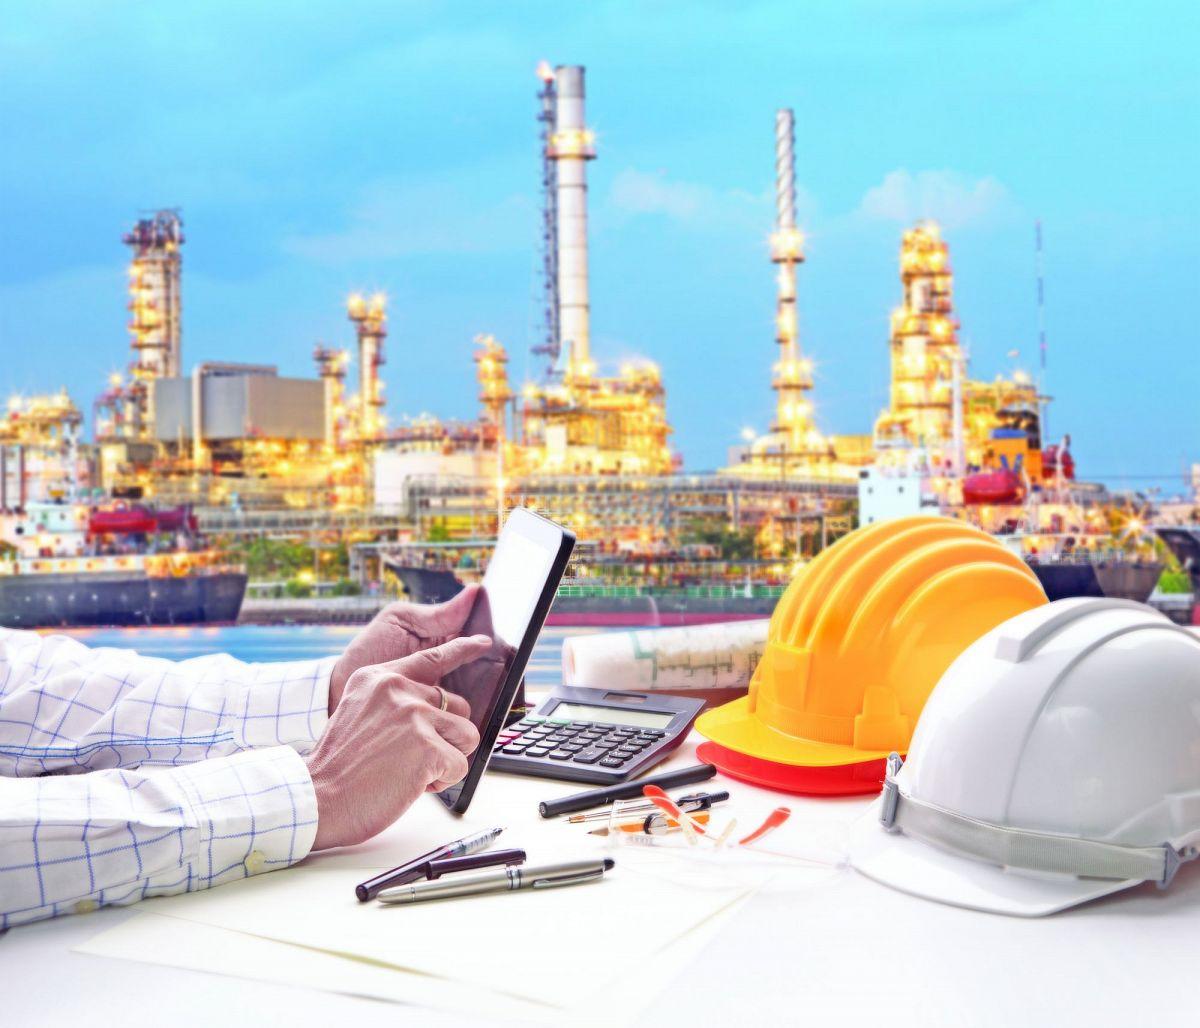 Системы «Техэксперт» – залог успешной автоматизации и цифровизации производства